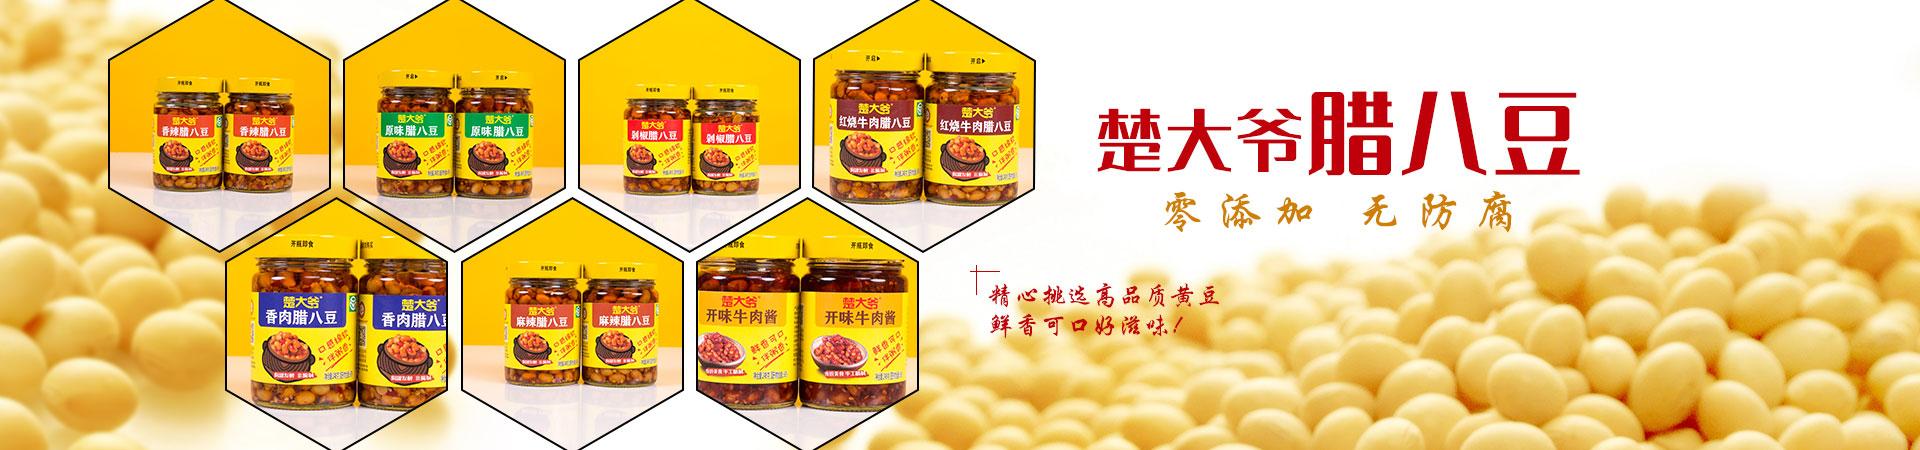 http://www.chudaye.cn/data/upload/202010/20201014104449_757.jpg